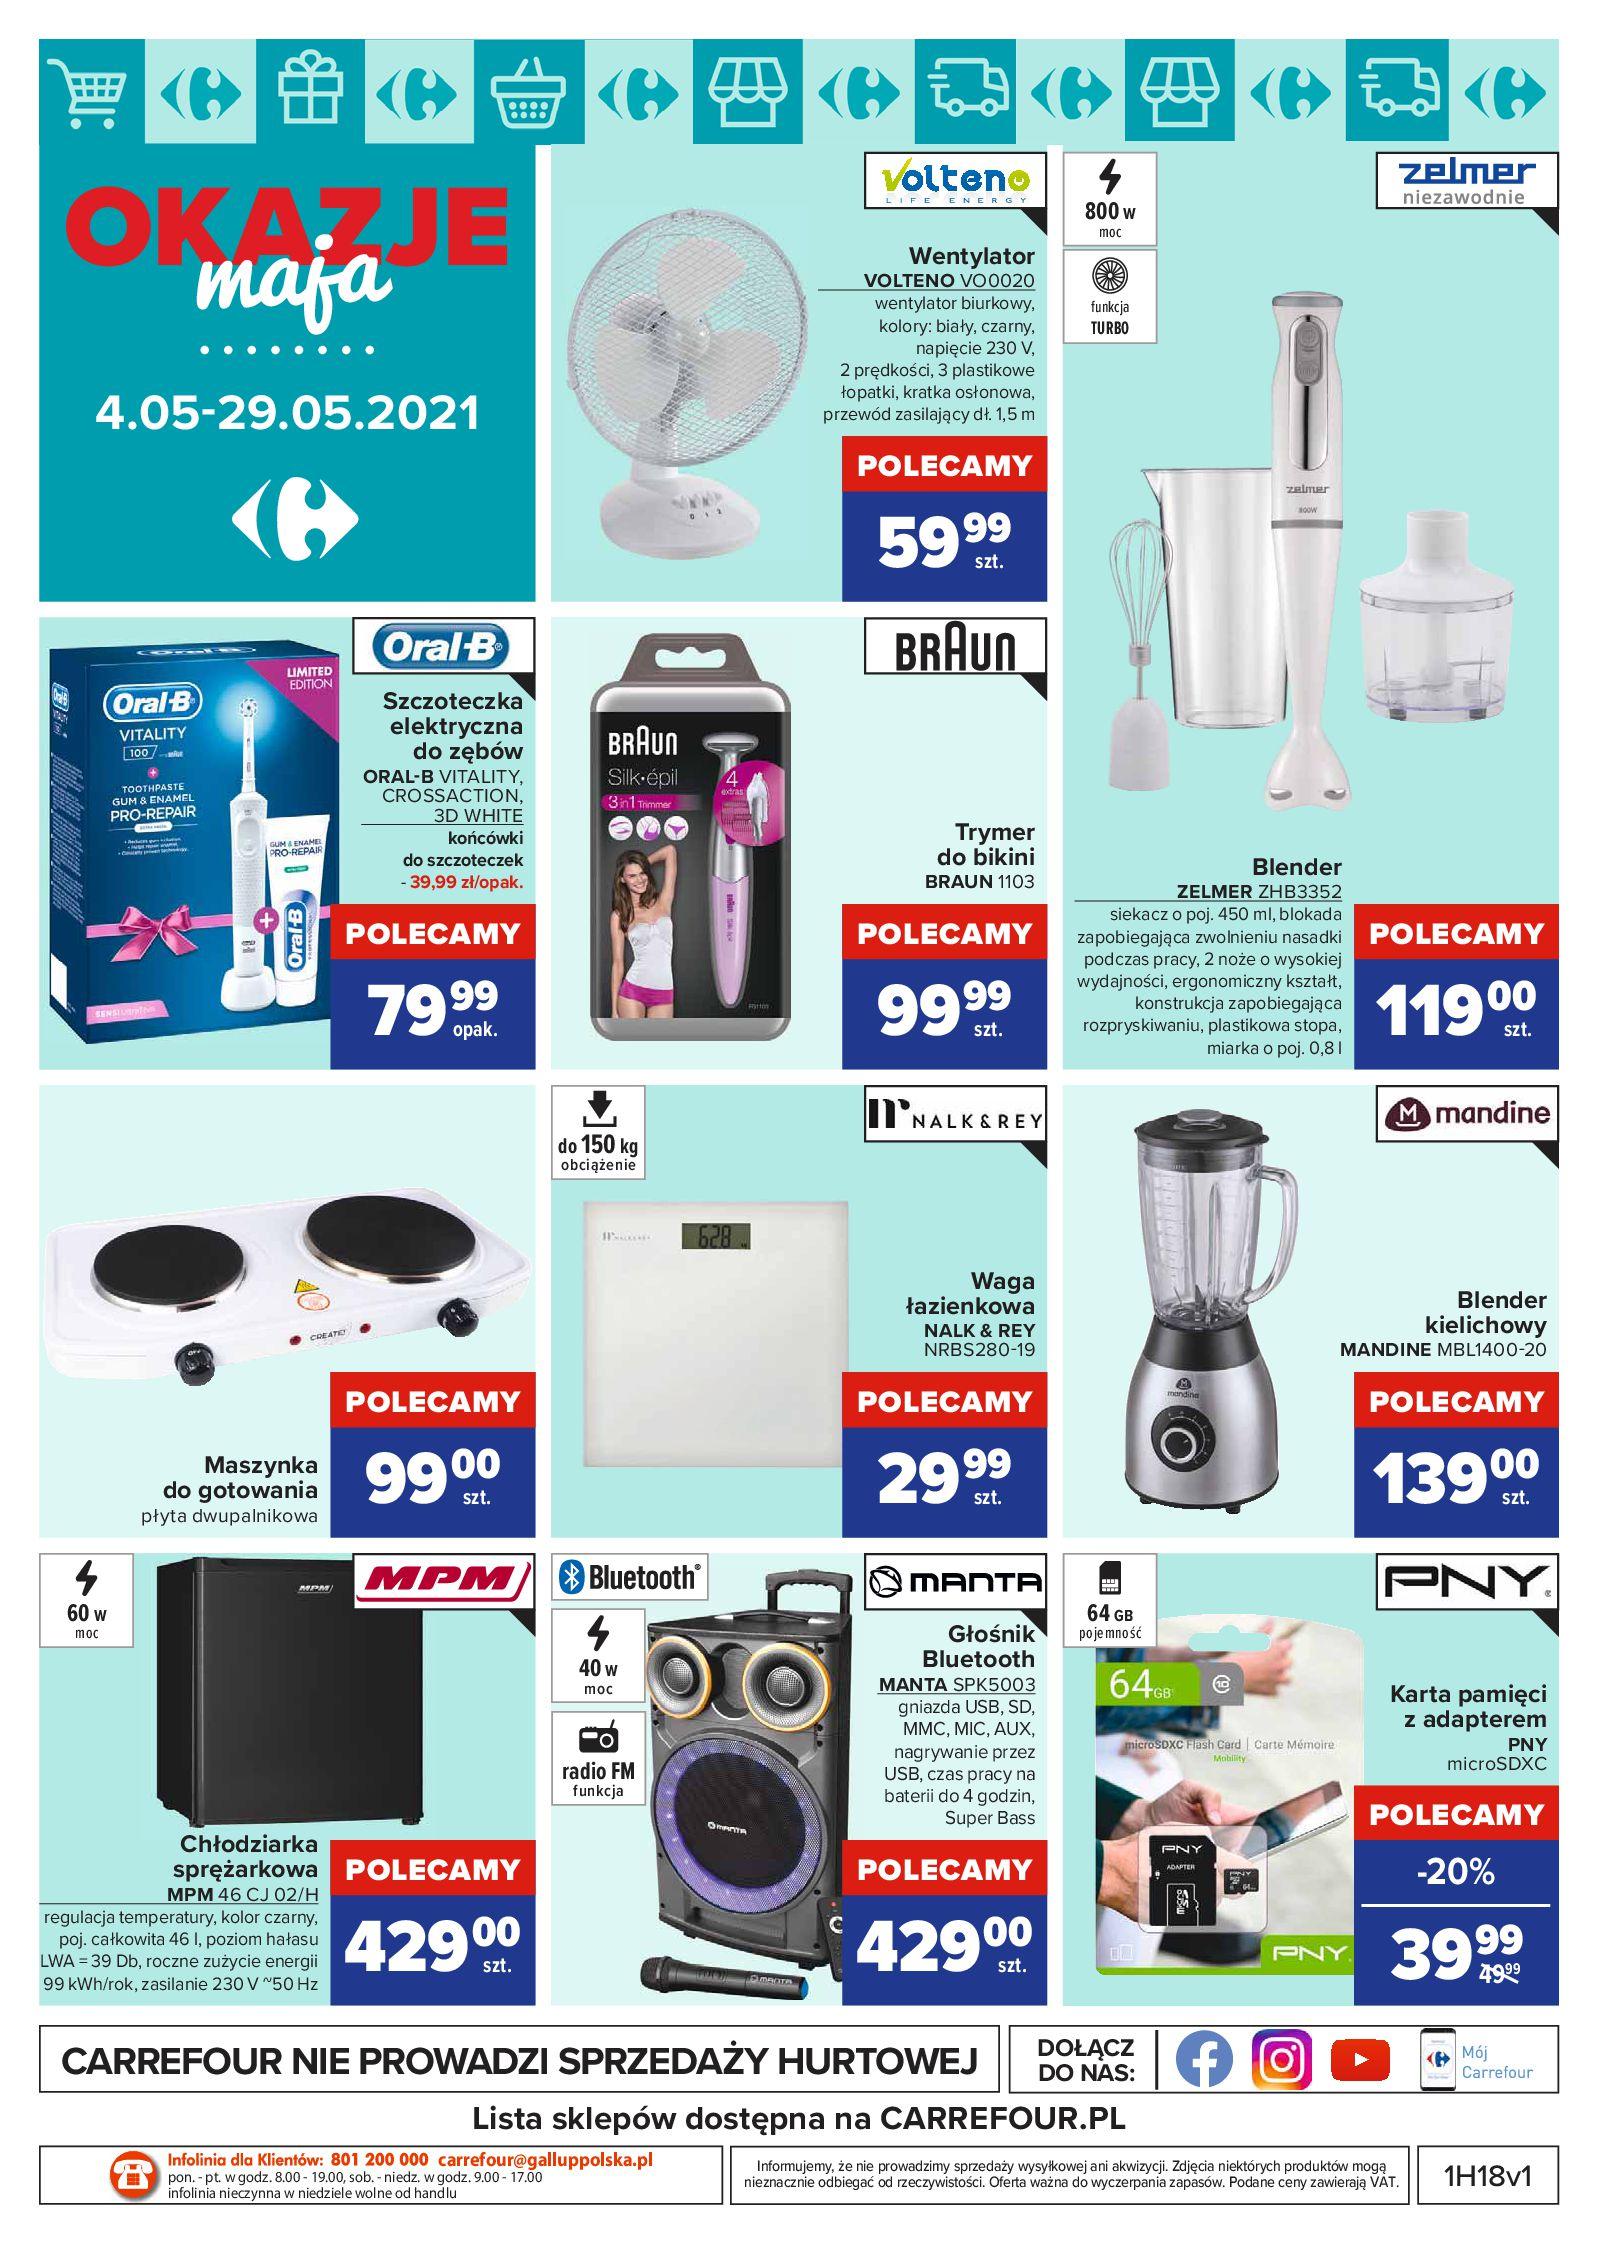 Gazetka Carrefour: Okazje maja 2021-05-04 page-16